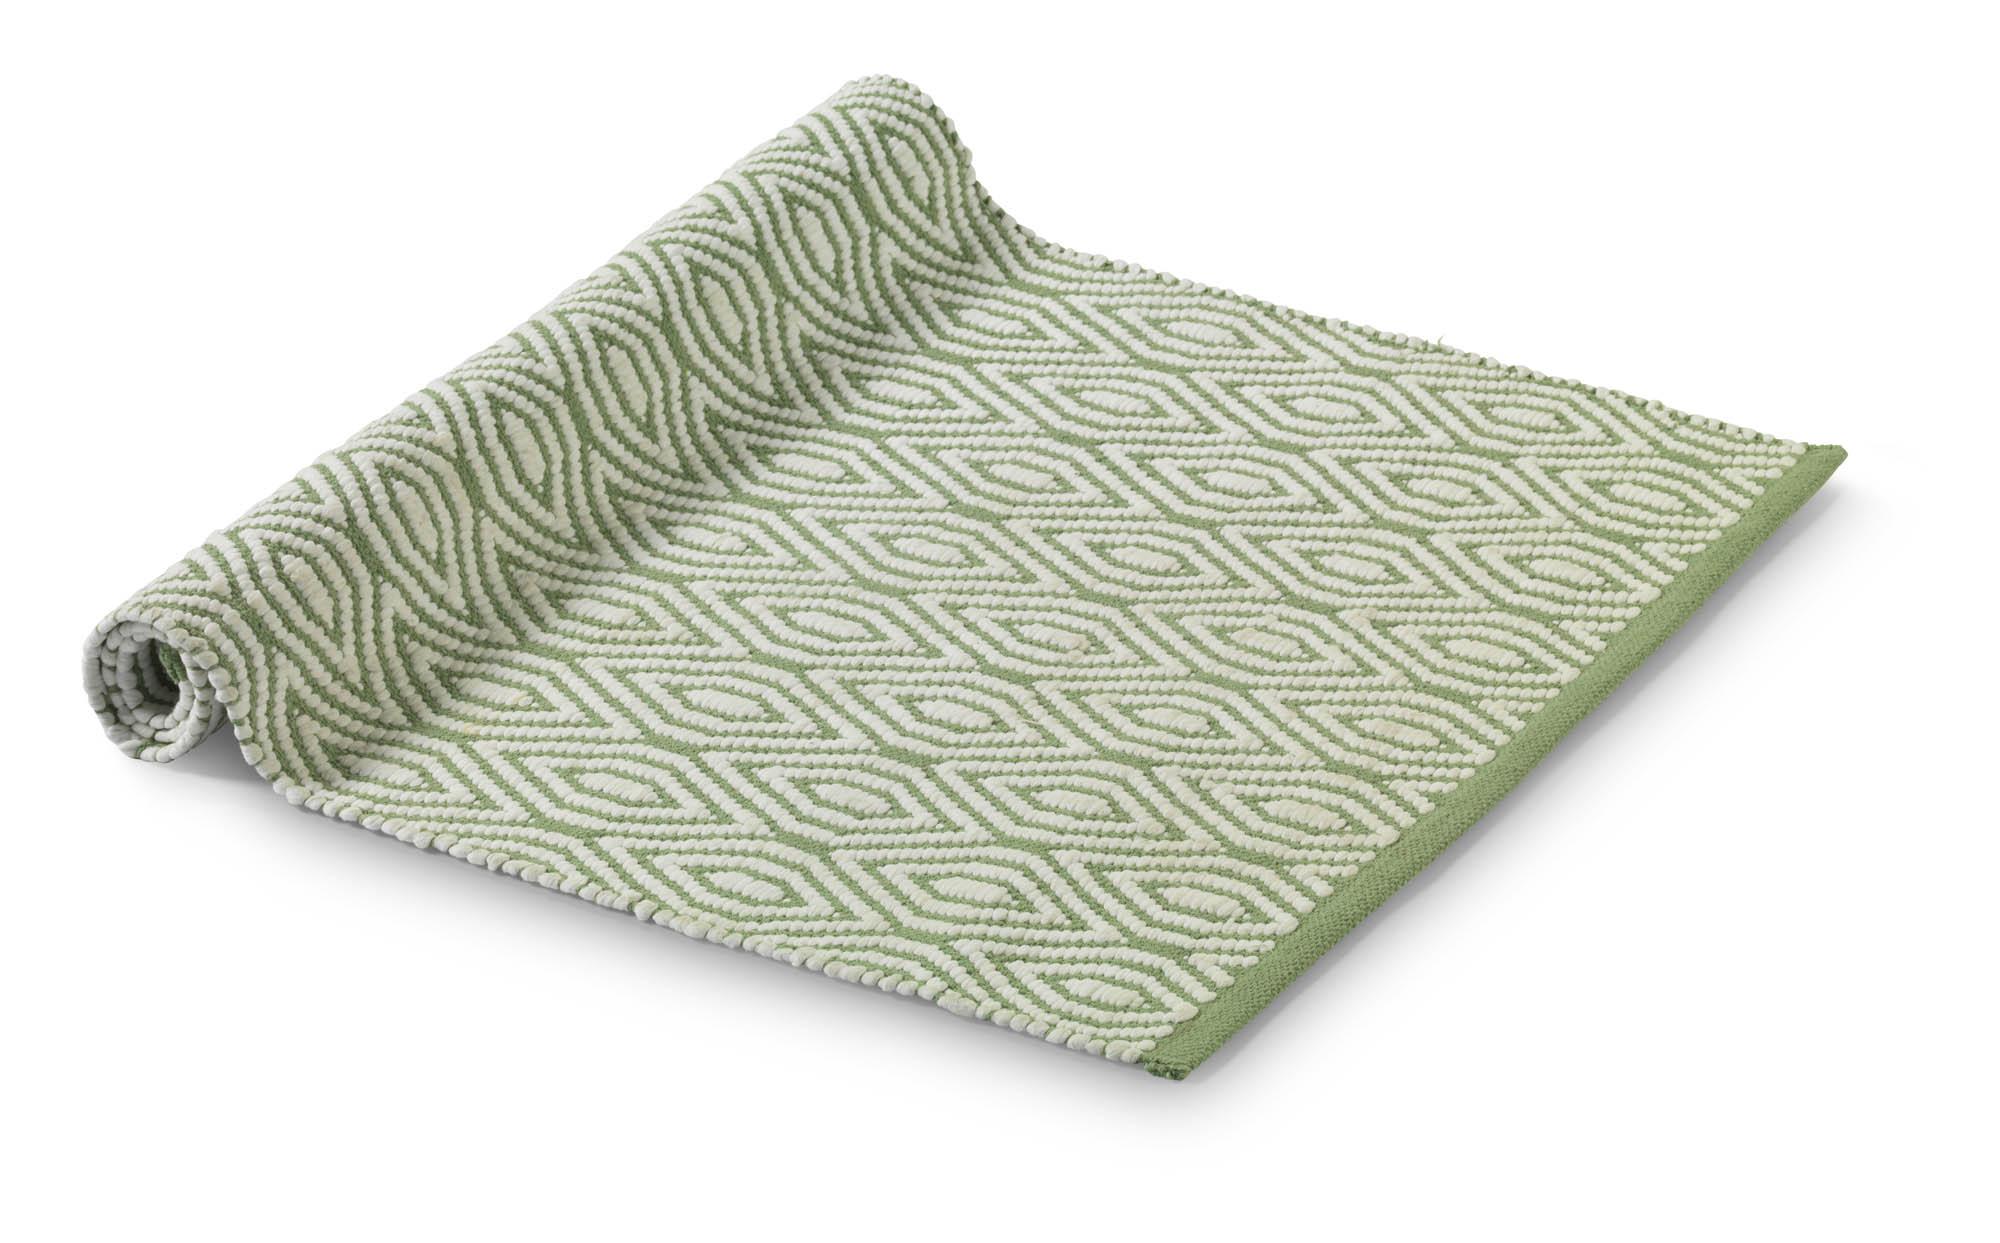 MERA - Vloermat Multi Groen 75x120 cm